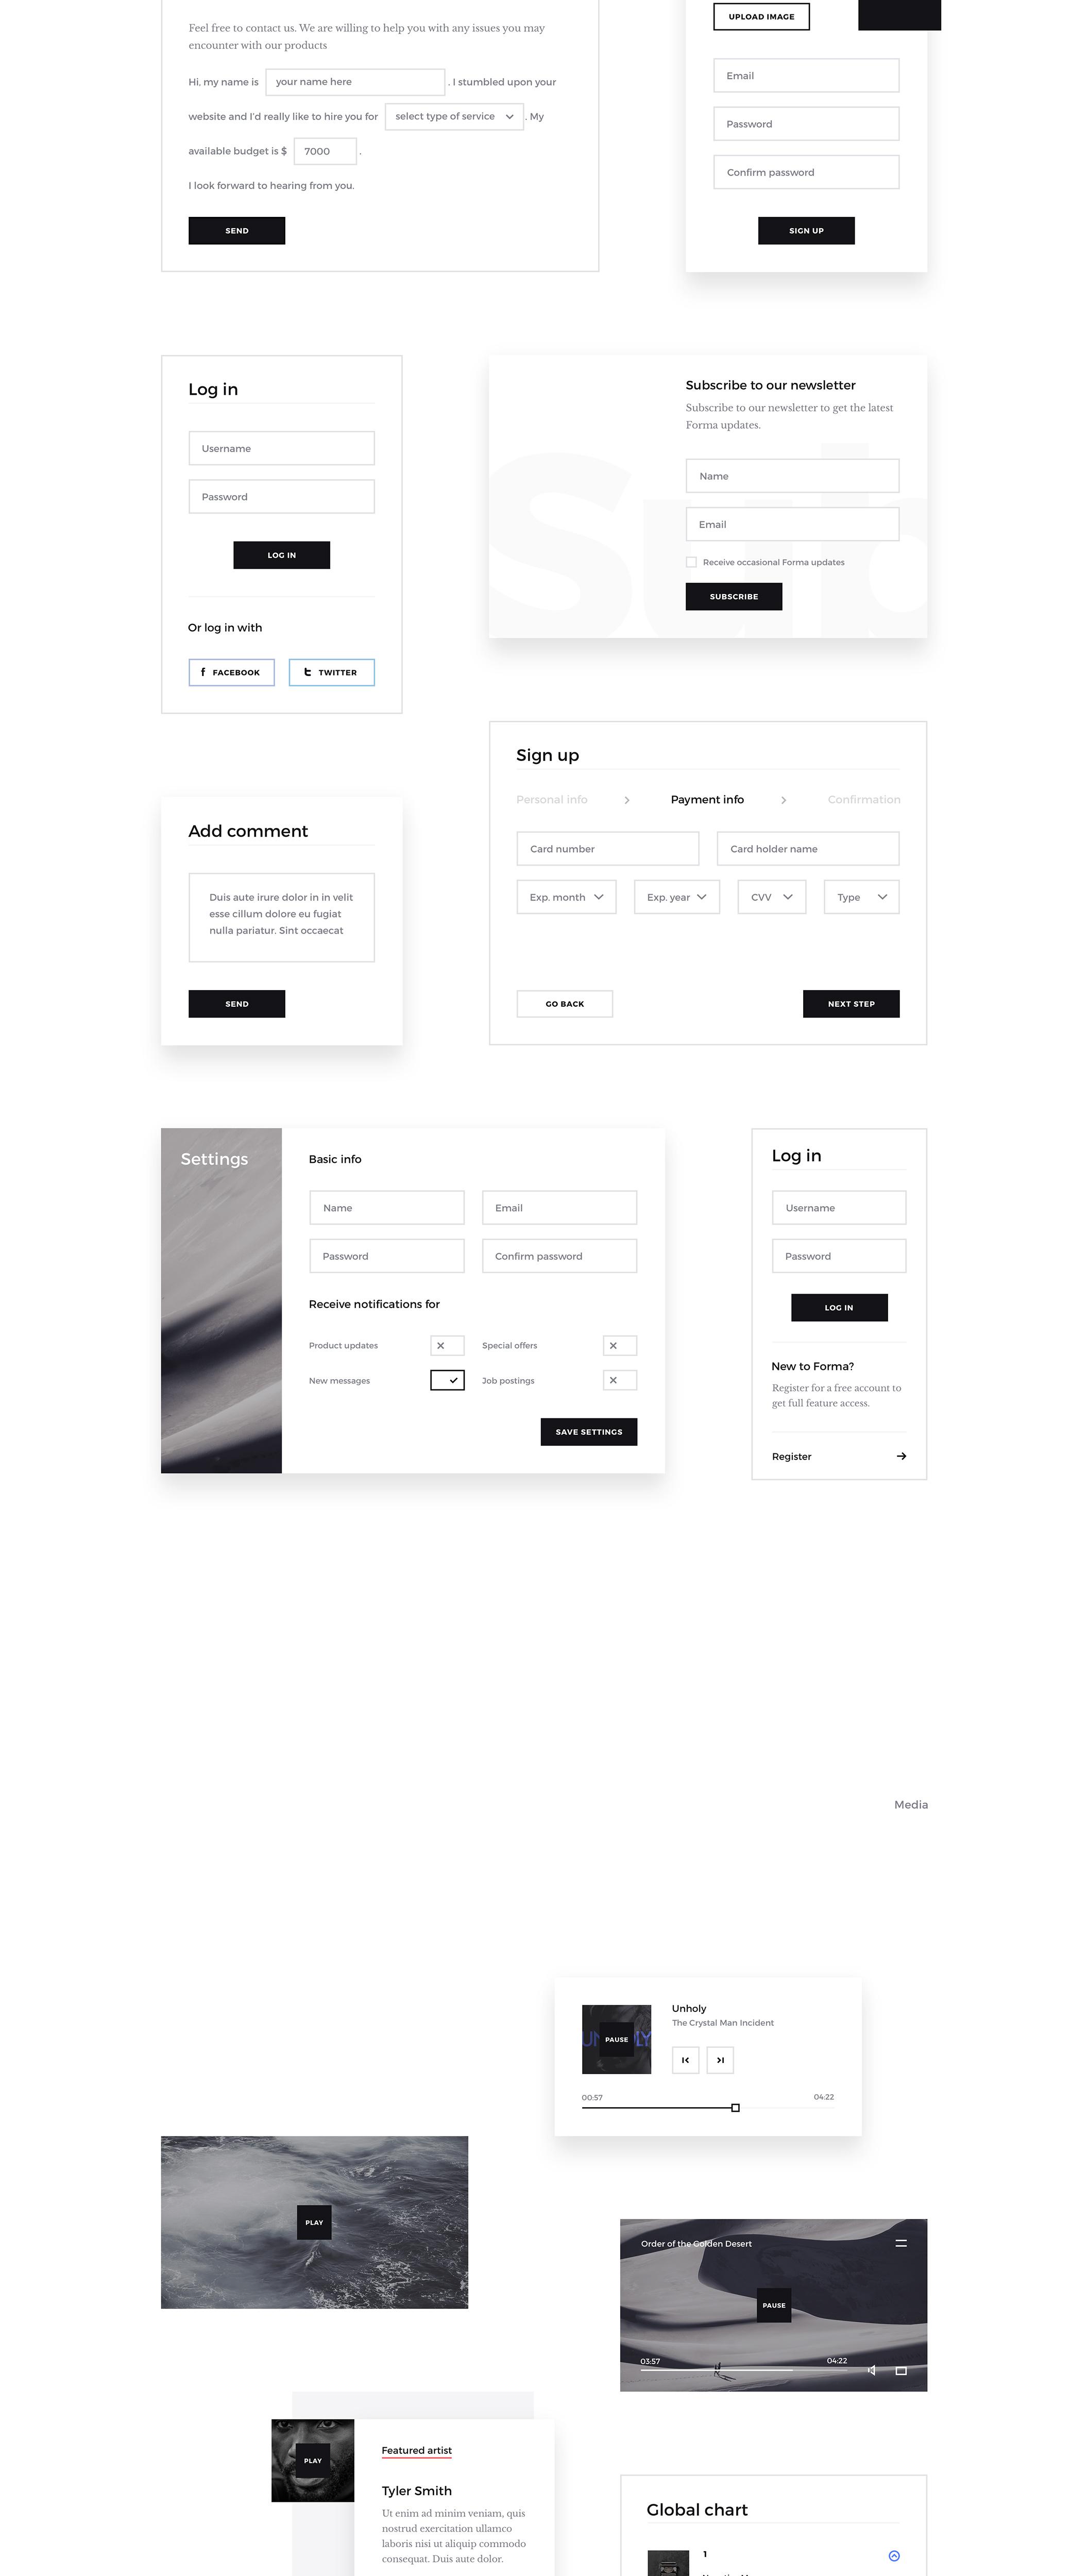 非常艺术的网站Forma UI Kit主题包.ps素材下载 VIP素材-第4张